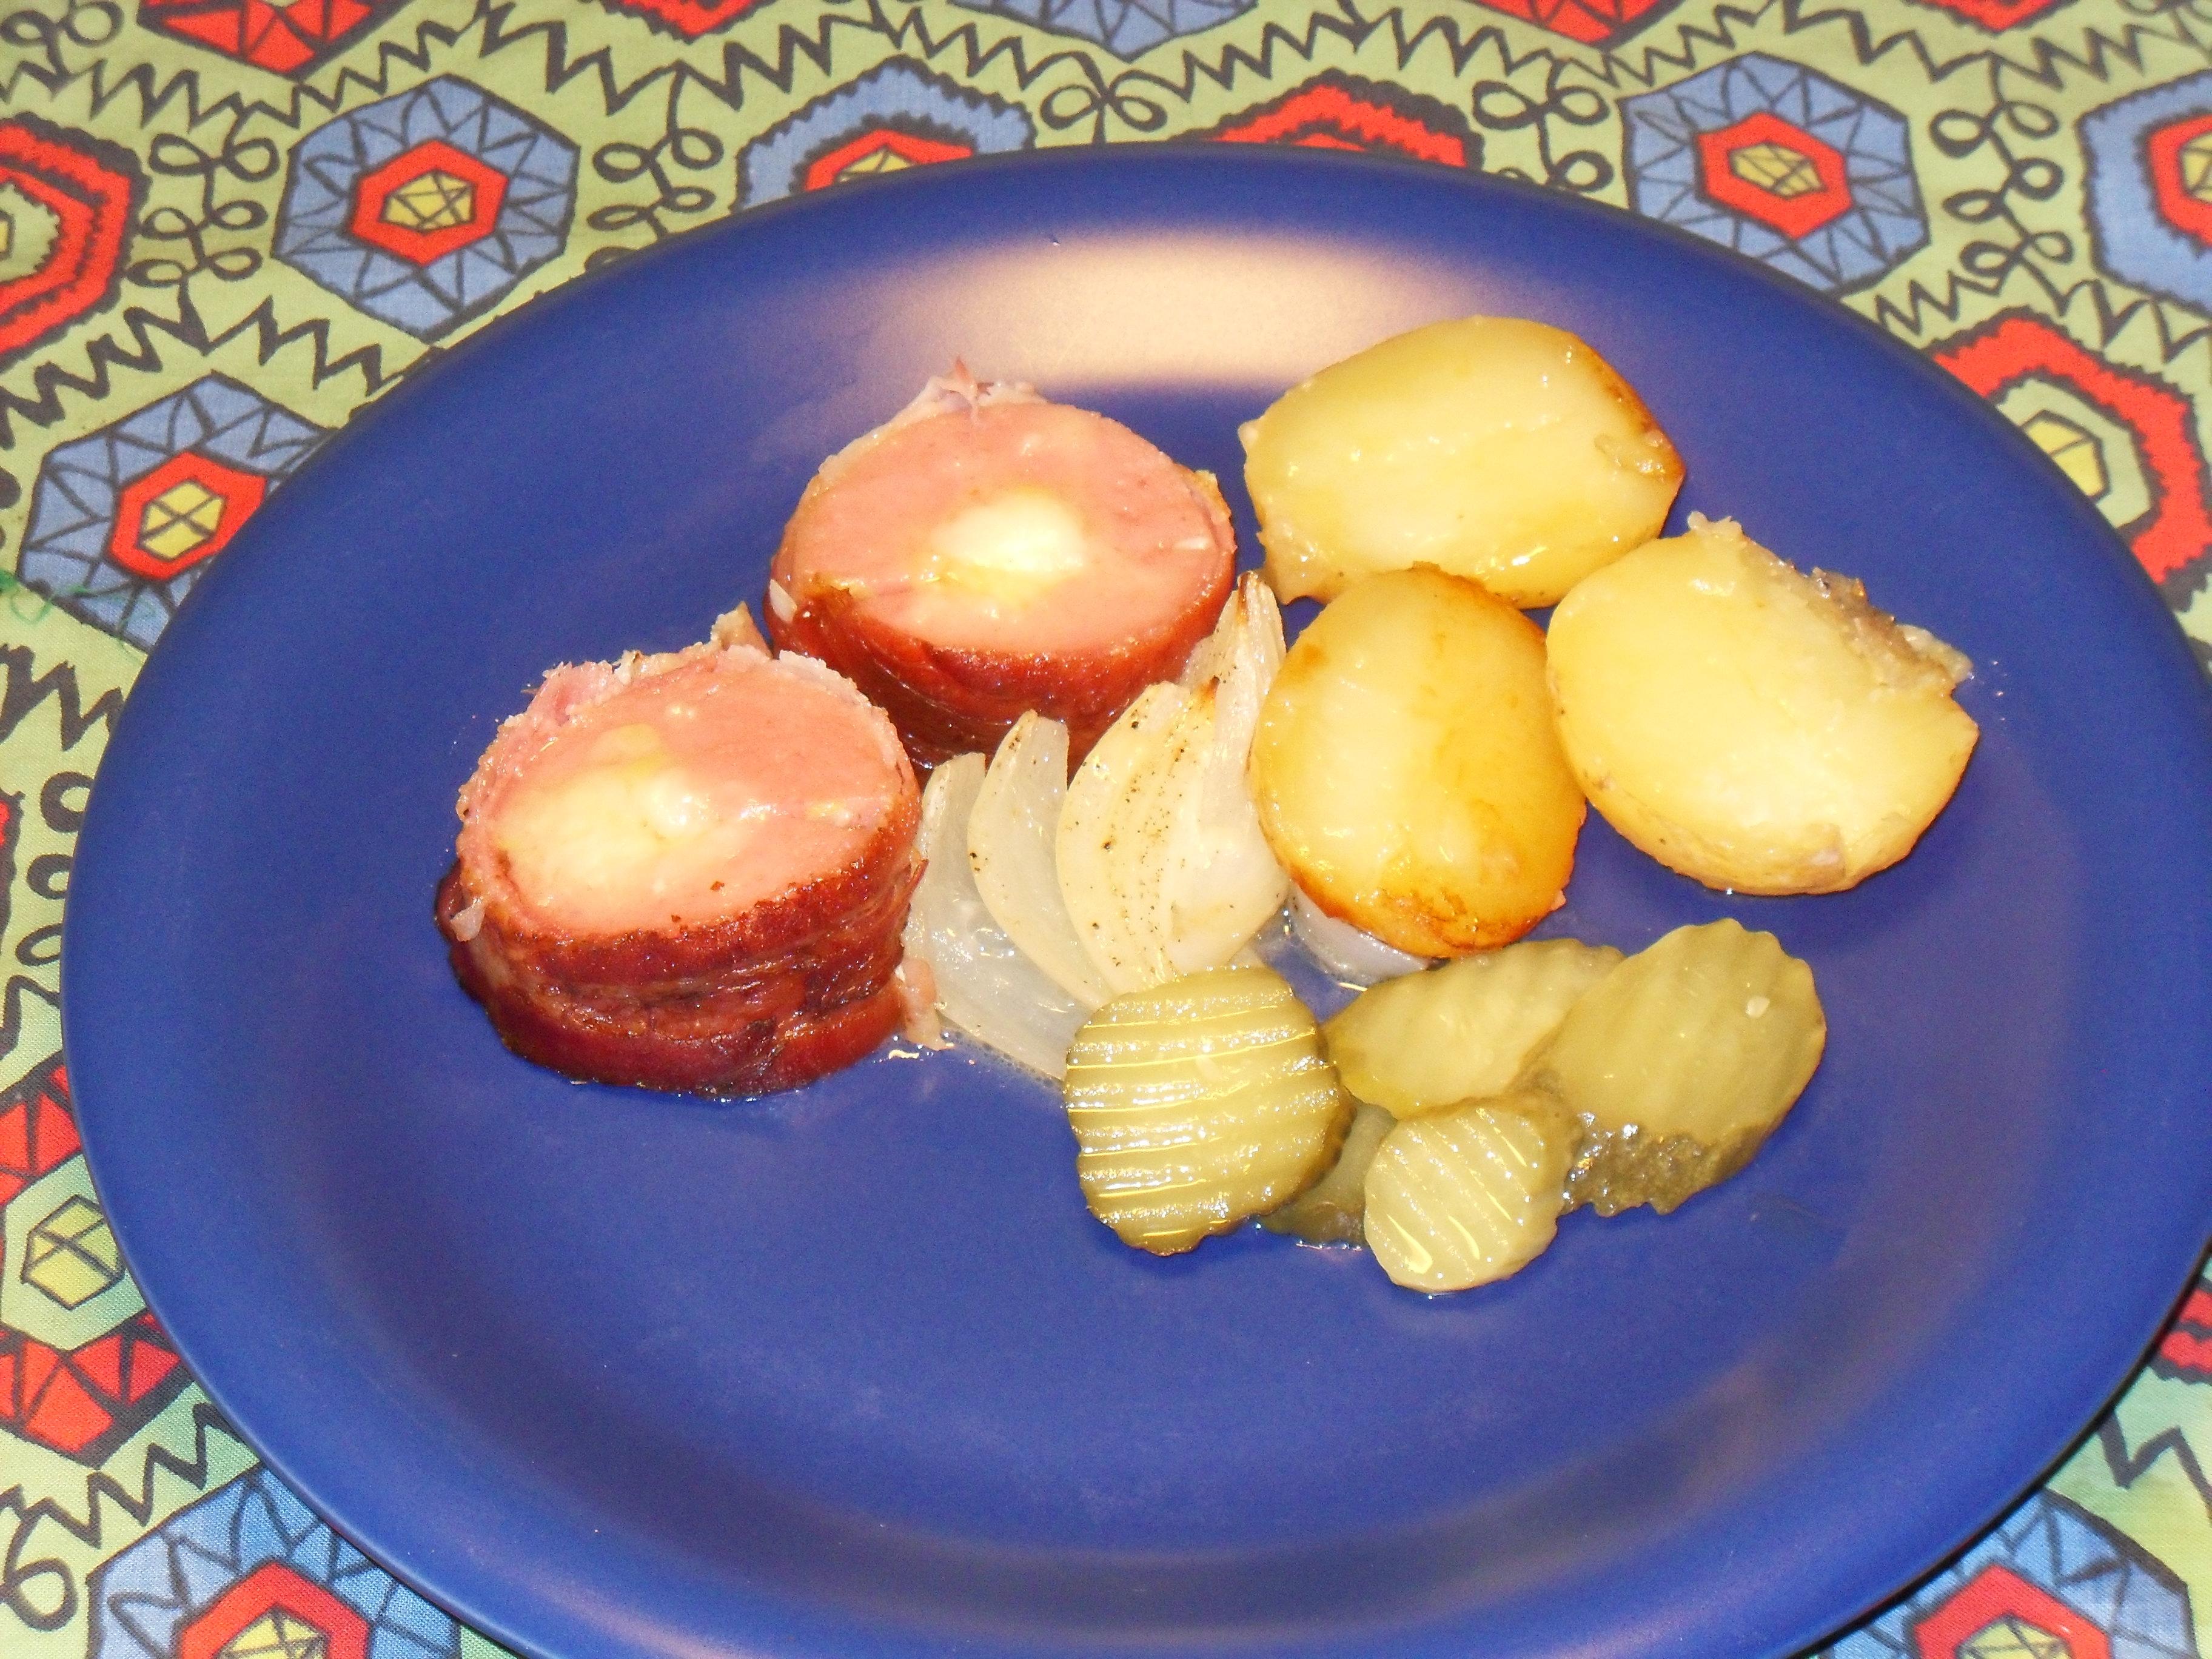 falukorv på potatisbädd